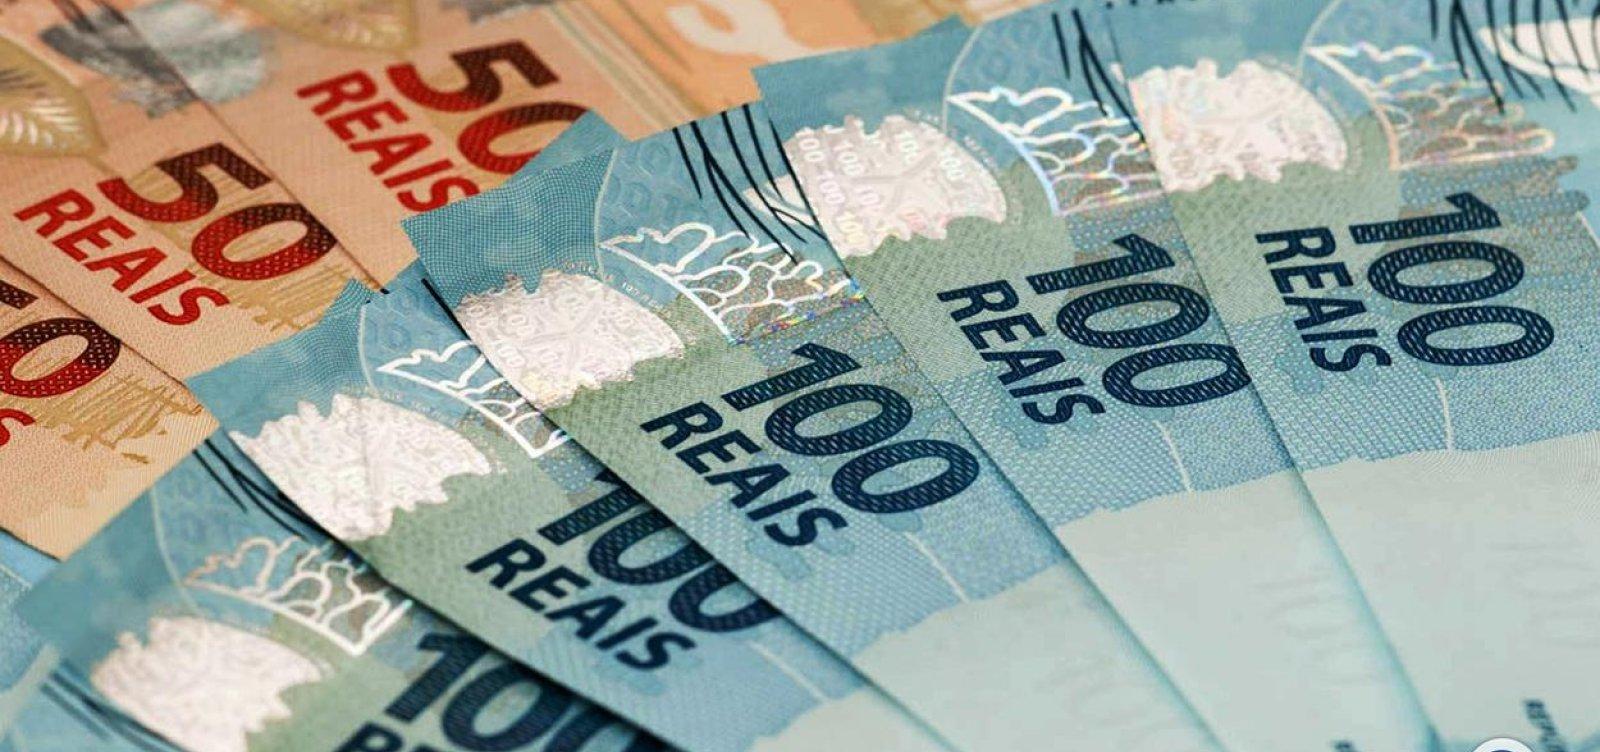 [Limite de juros no cheque especial começa a valer na próxima segunda]